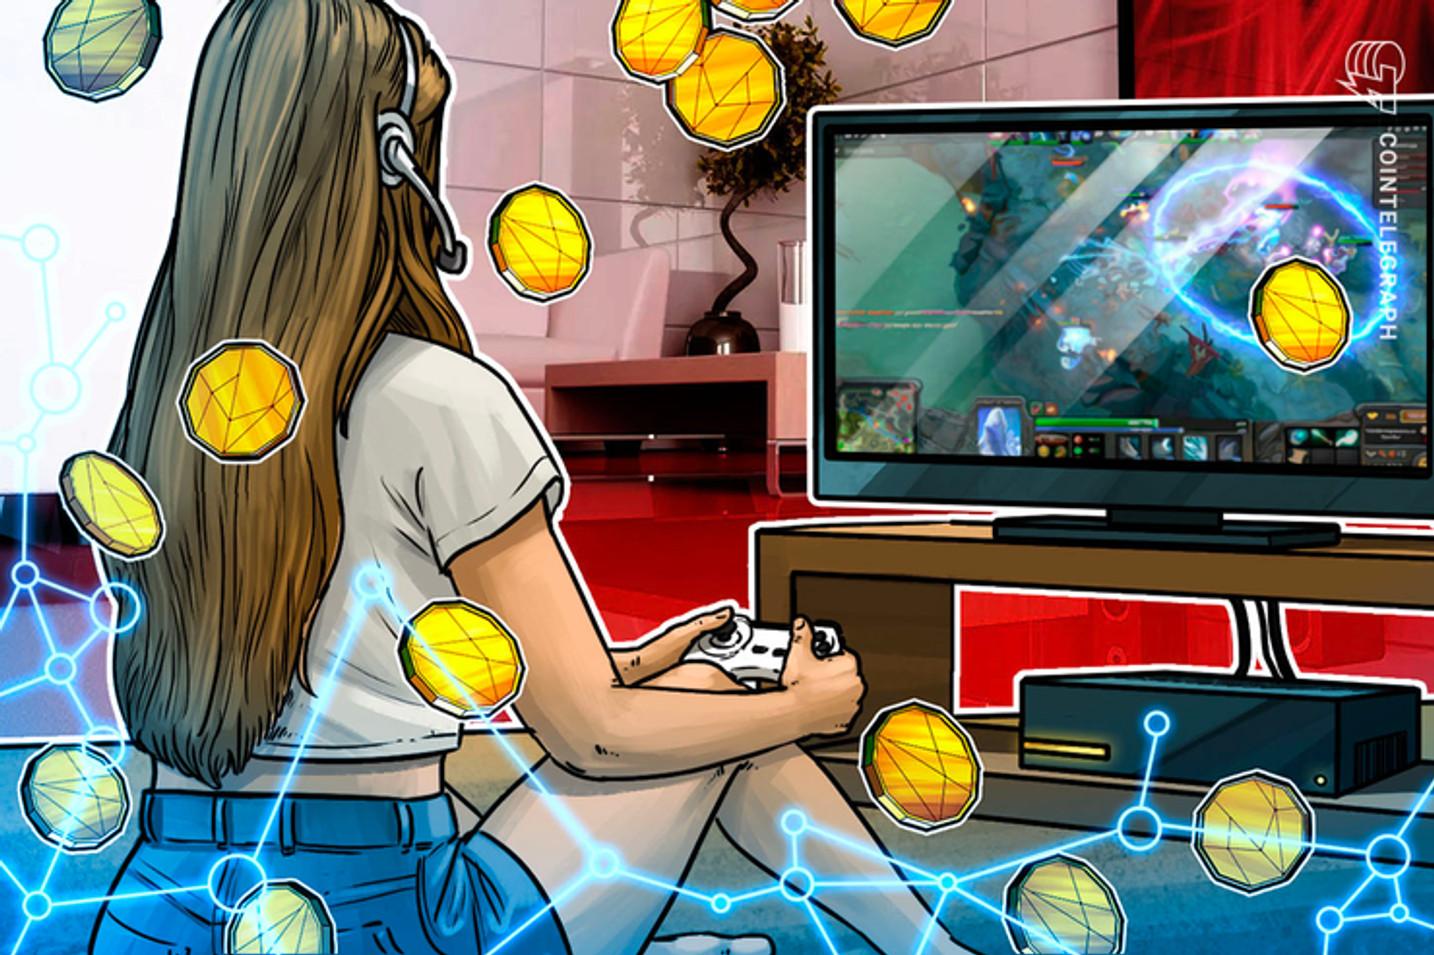 「仮想通貨XRPをゲームで活用を」、リップル投資開発部門Xpringがユースケース提唱【ニュース】